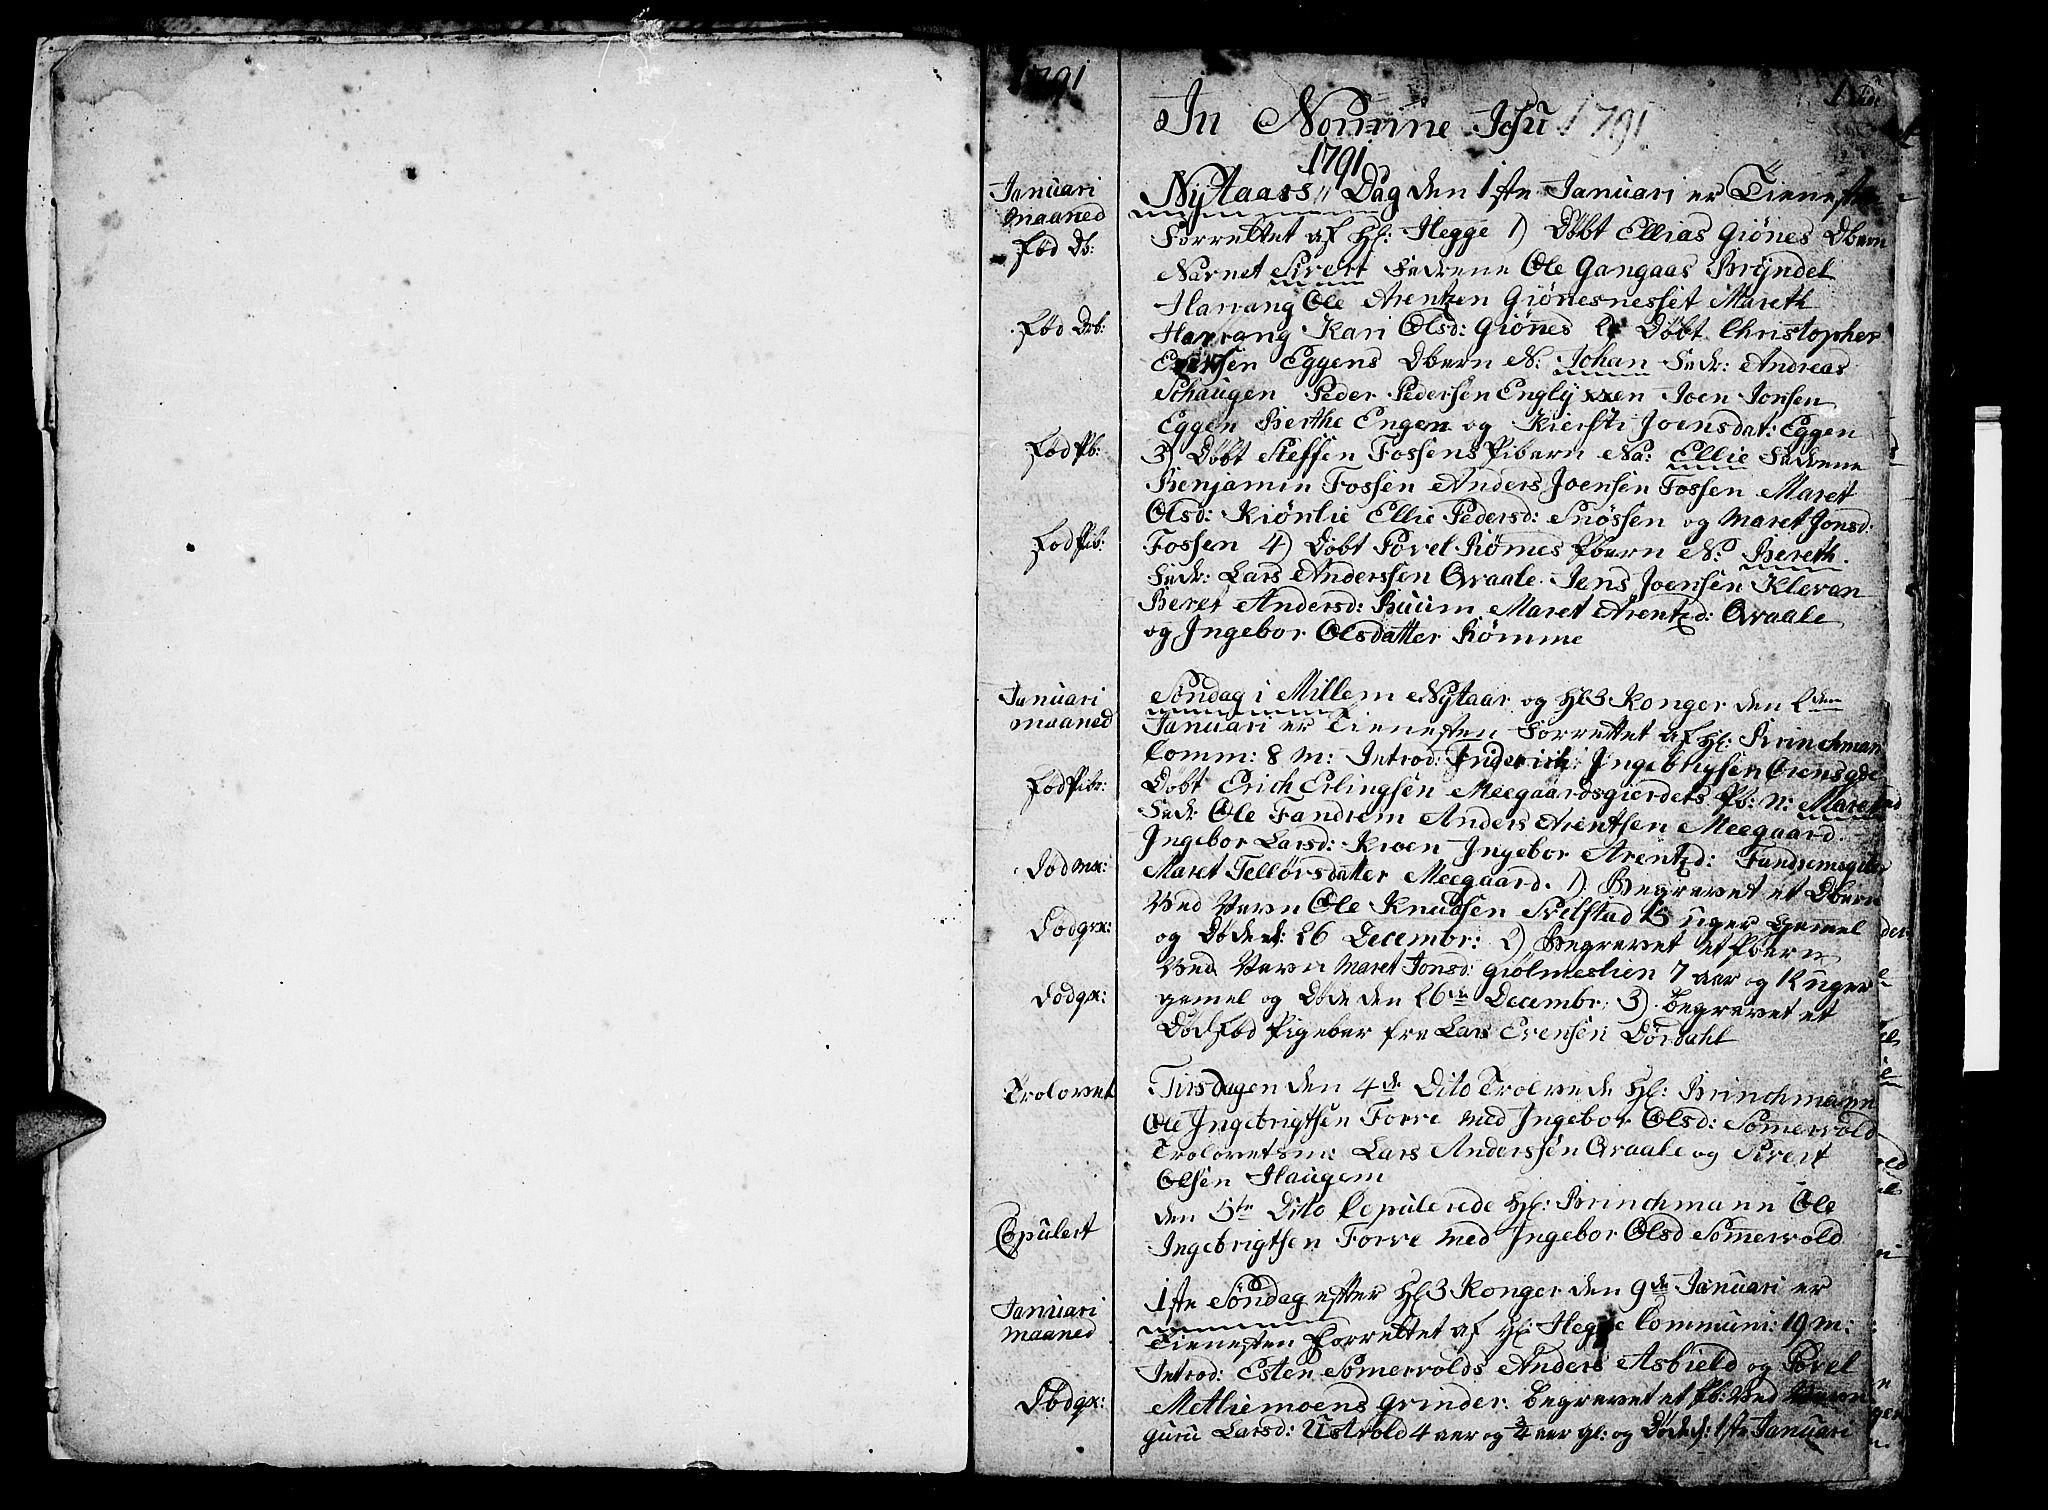 SAT, Ministerialprotokoller, klokkerbøker og fødselsregistre - Sør-Trøndelag, 668/L0815: Klokkerbok nr. 668C04, 1791-1815, s. 0-1